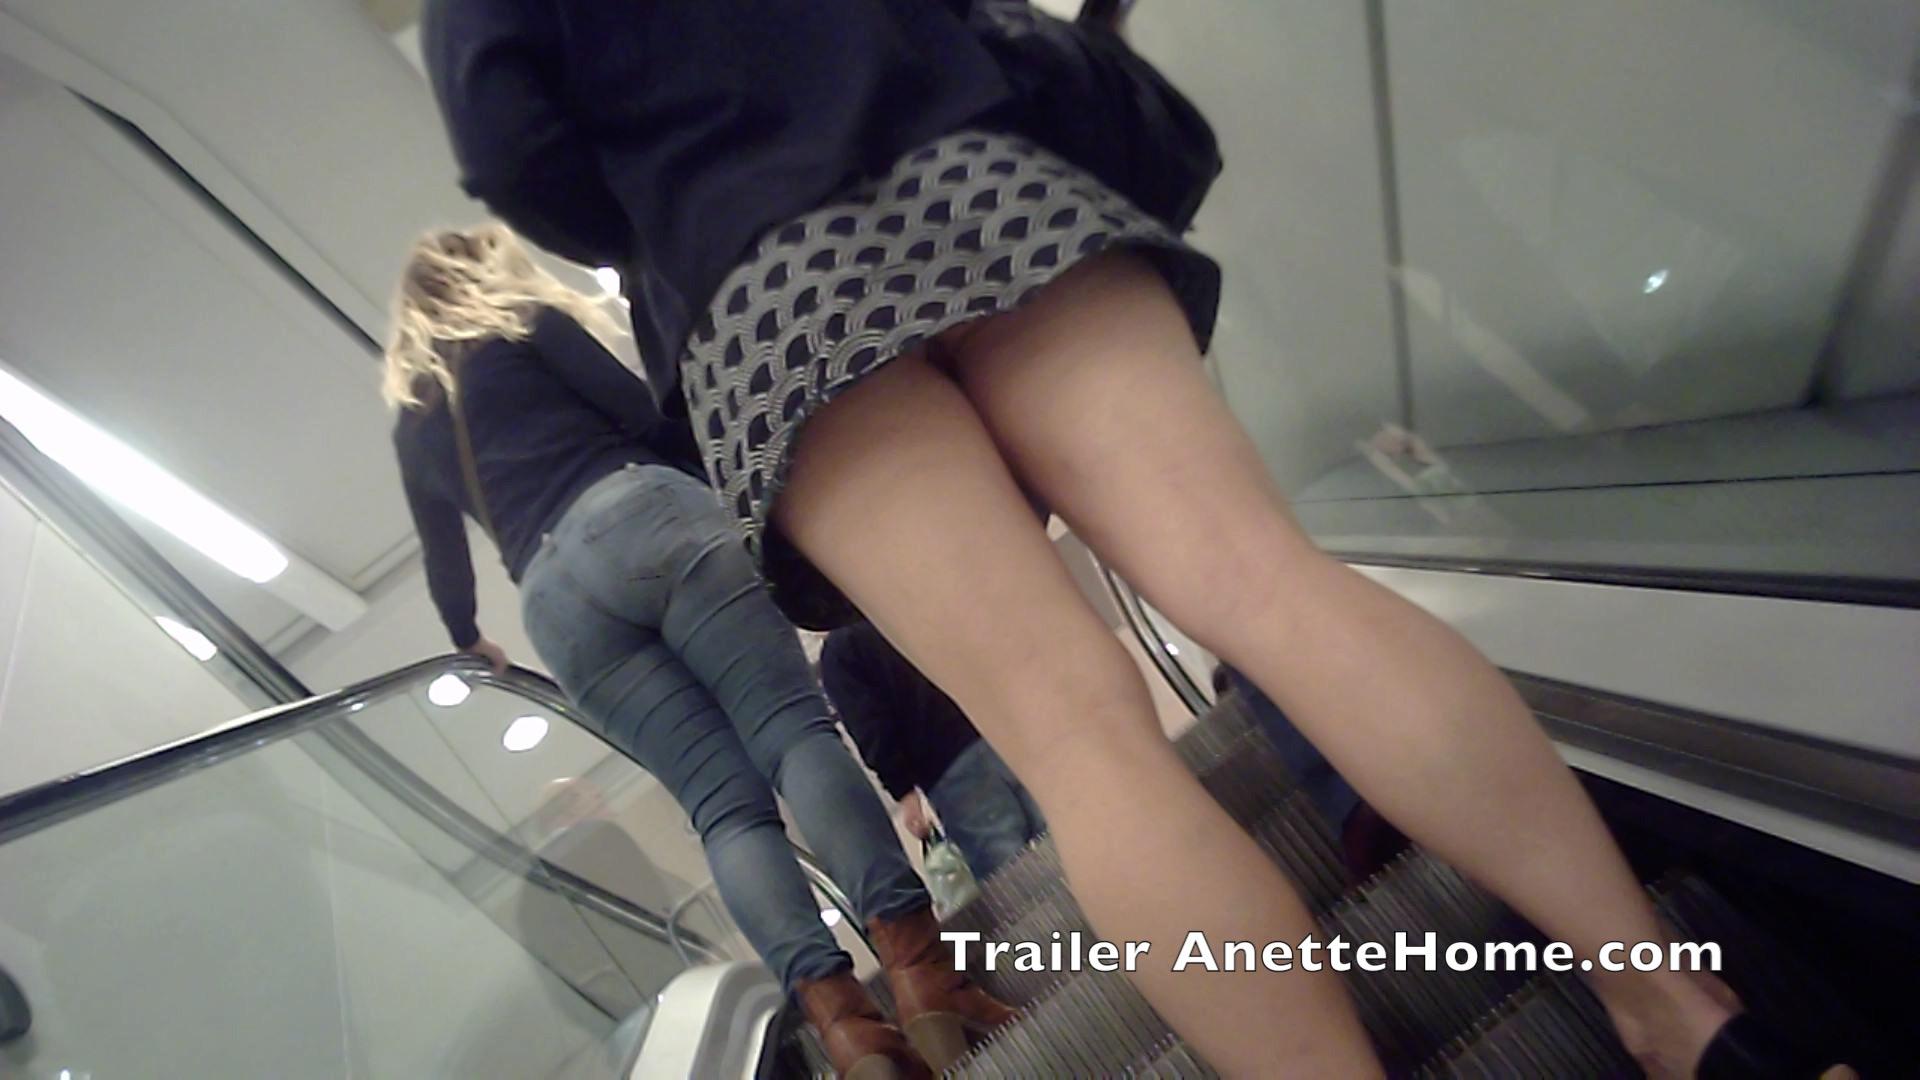 shooting porno on livecam